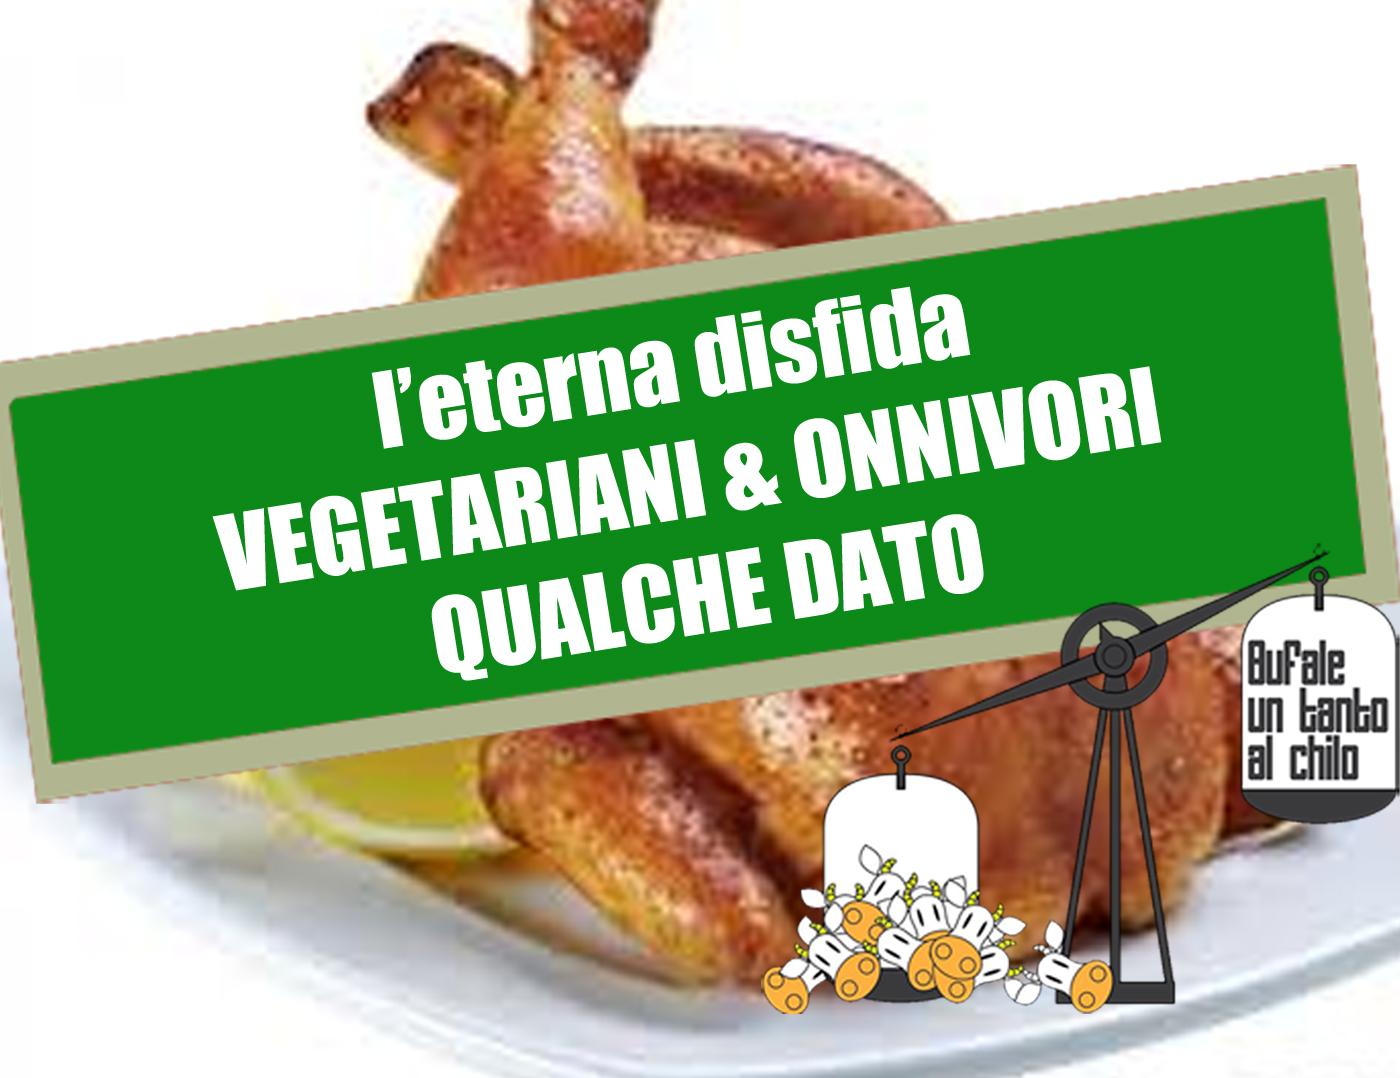 carnivoro che risale un vegetariano